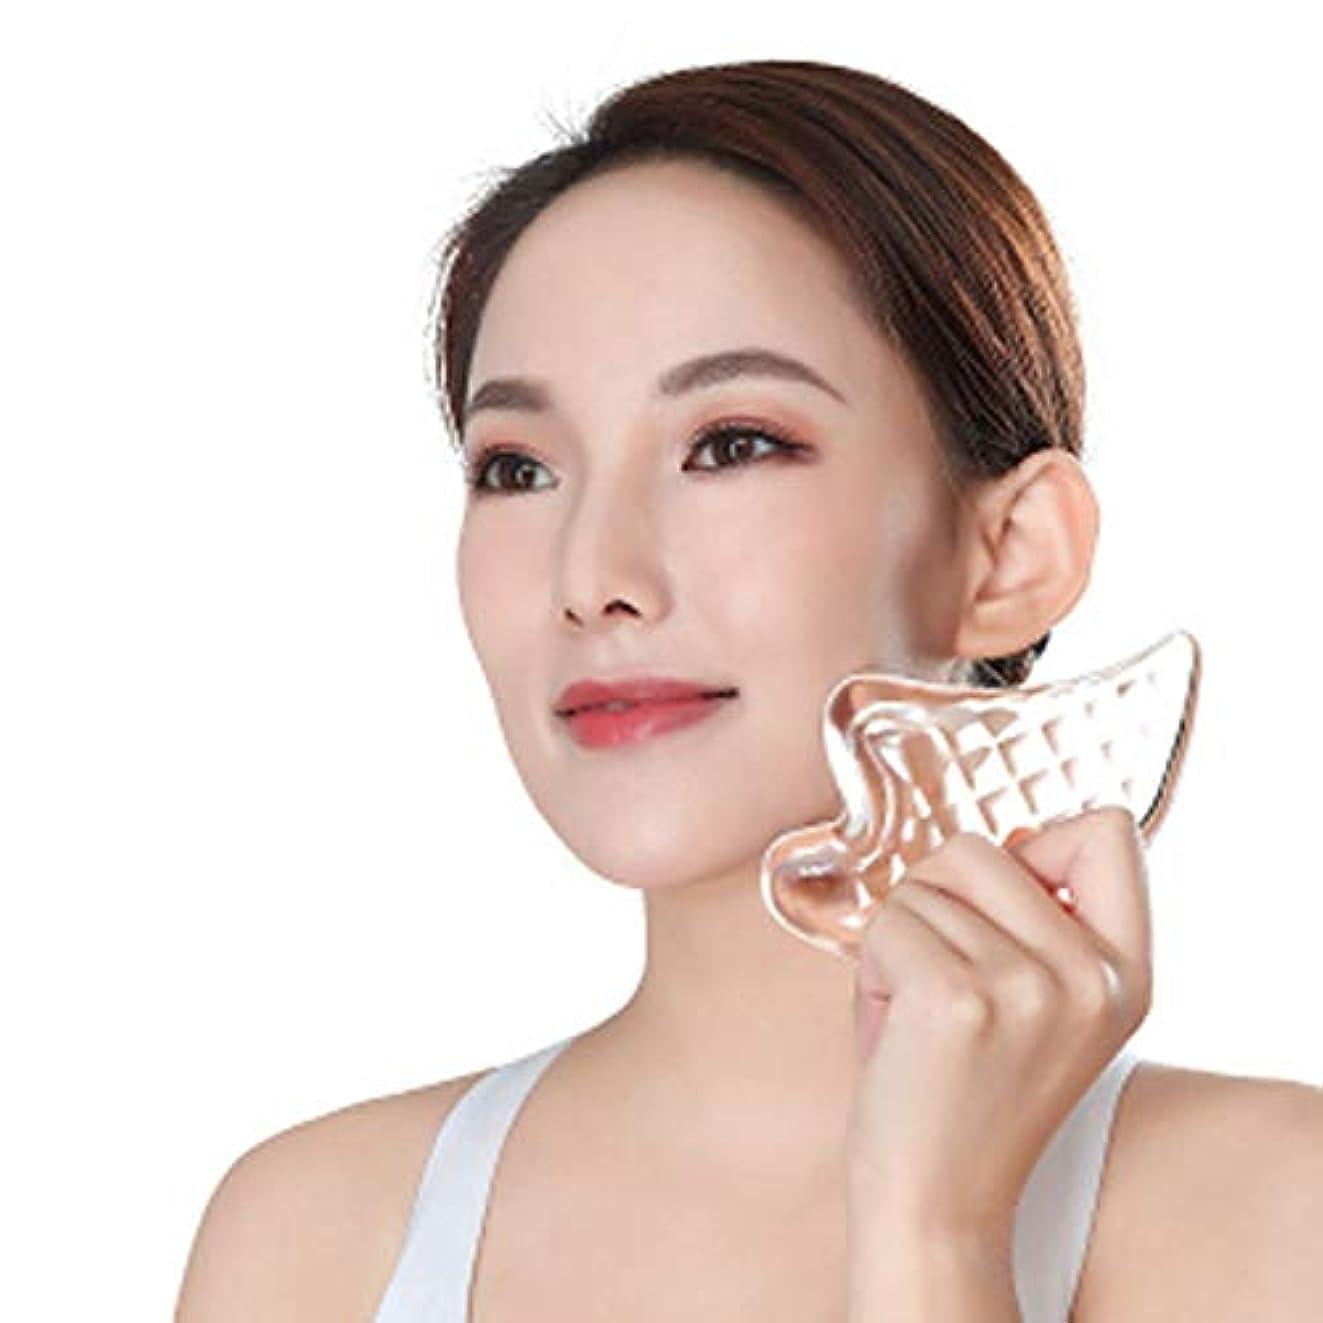 サンドイッチ鋭くマイクロプロセッサCangad かっさプレート 美顔器 高品質 3Dクリスタル 小顔 美顔グッズ 羽根型 ボディ マッサージ かっさマッサージ 刮痧 ウィング型 健康グッズ